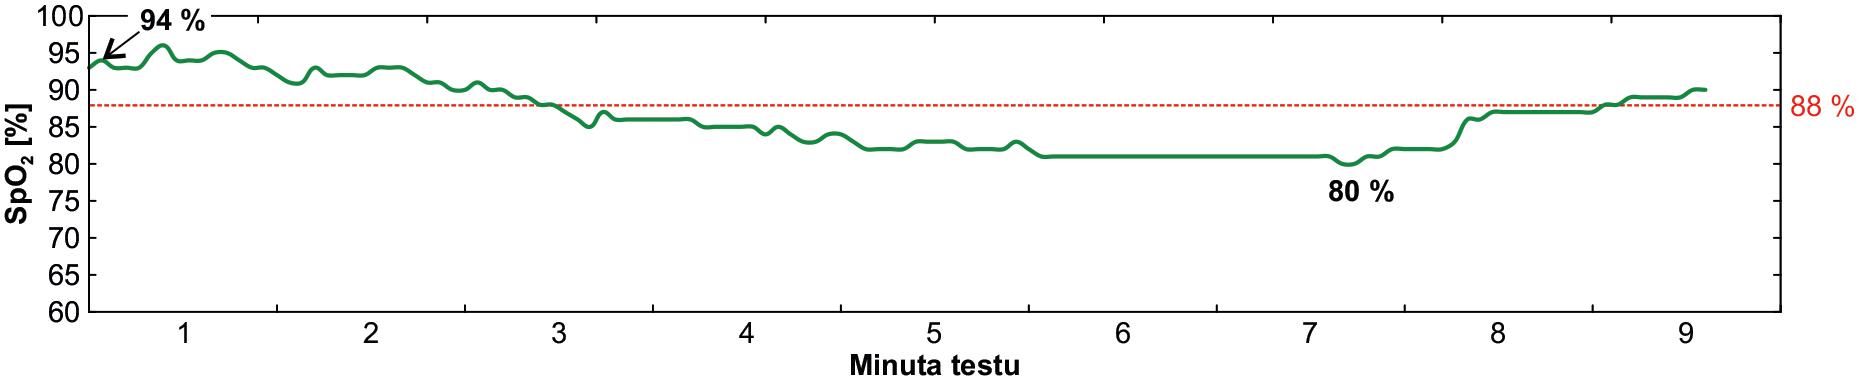 Záznam SpO<sub>2</sub> u nemocného s chronickou obstrukční plicní nemocí (stadium 4D) během ISWT testu.